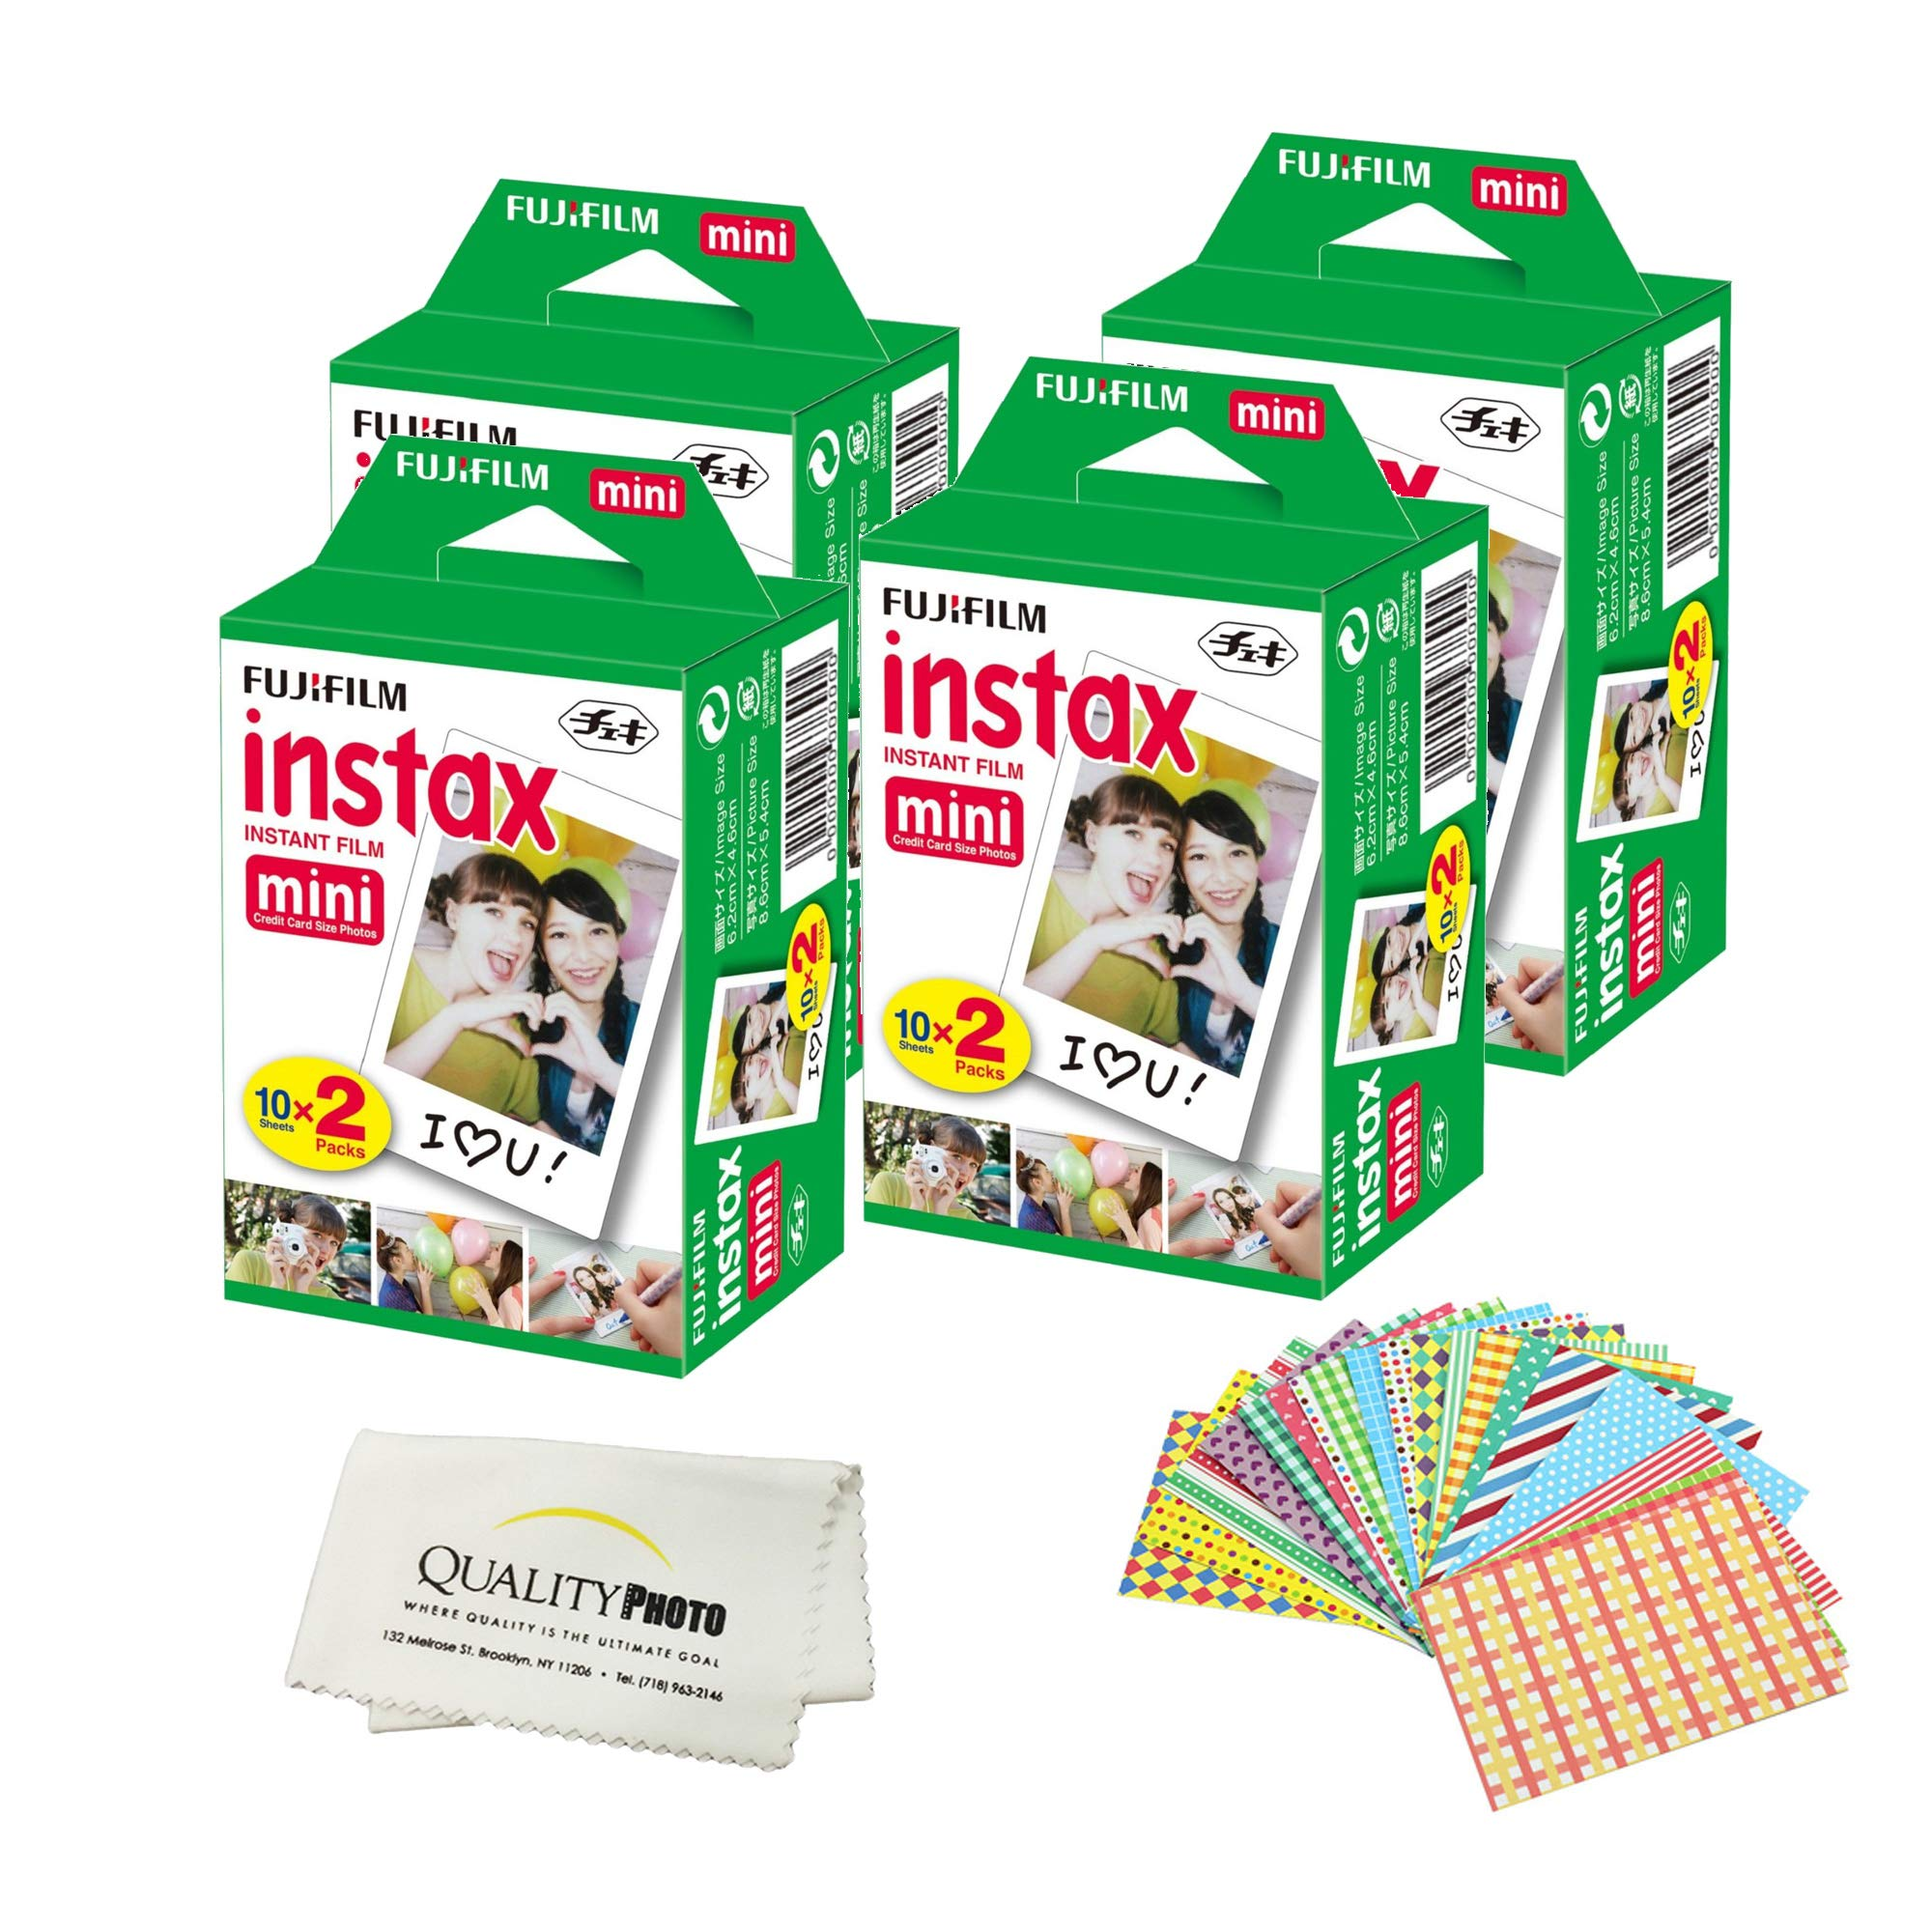 Fujifilm INSTAX Mini Instant Film - 80 Sheets - (White) for Fujifilm Instax Mini 8 & Mini 9 Cameras + Frame Stickers and Microfiber Cloth Accessories …